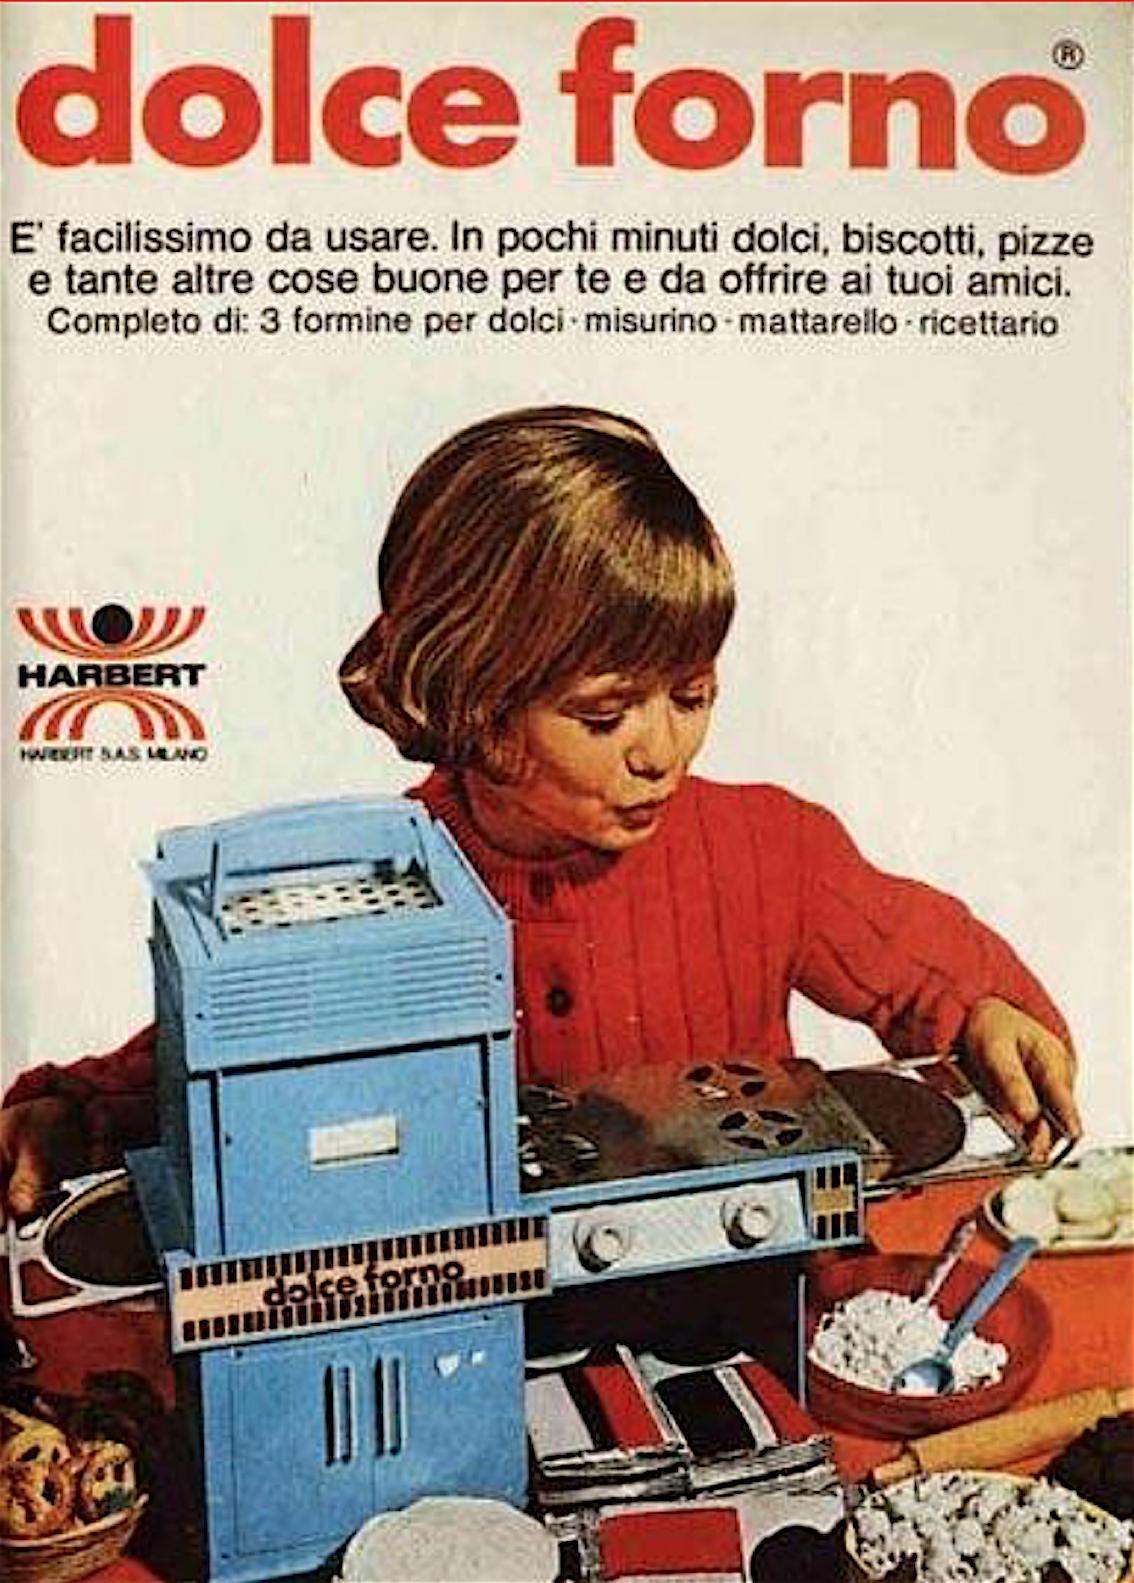 Dolce forno harbert giocattolo vintage curiosando anni 70 - Dolce forno gioco ...